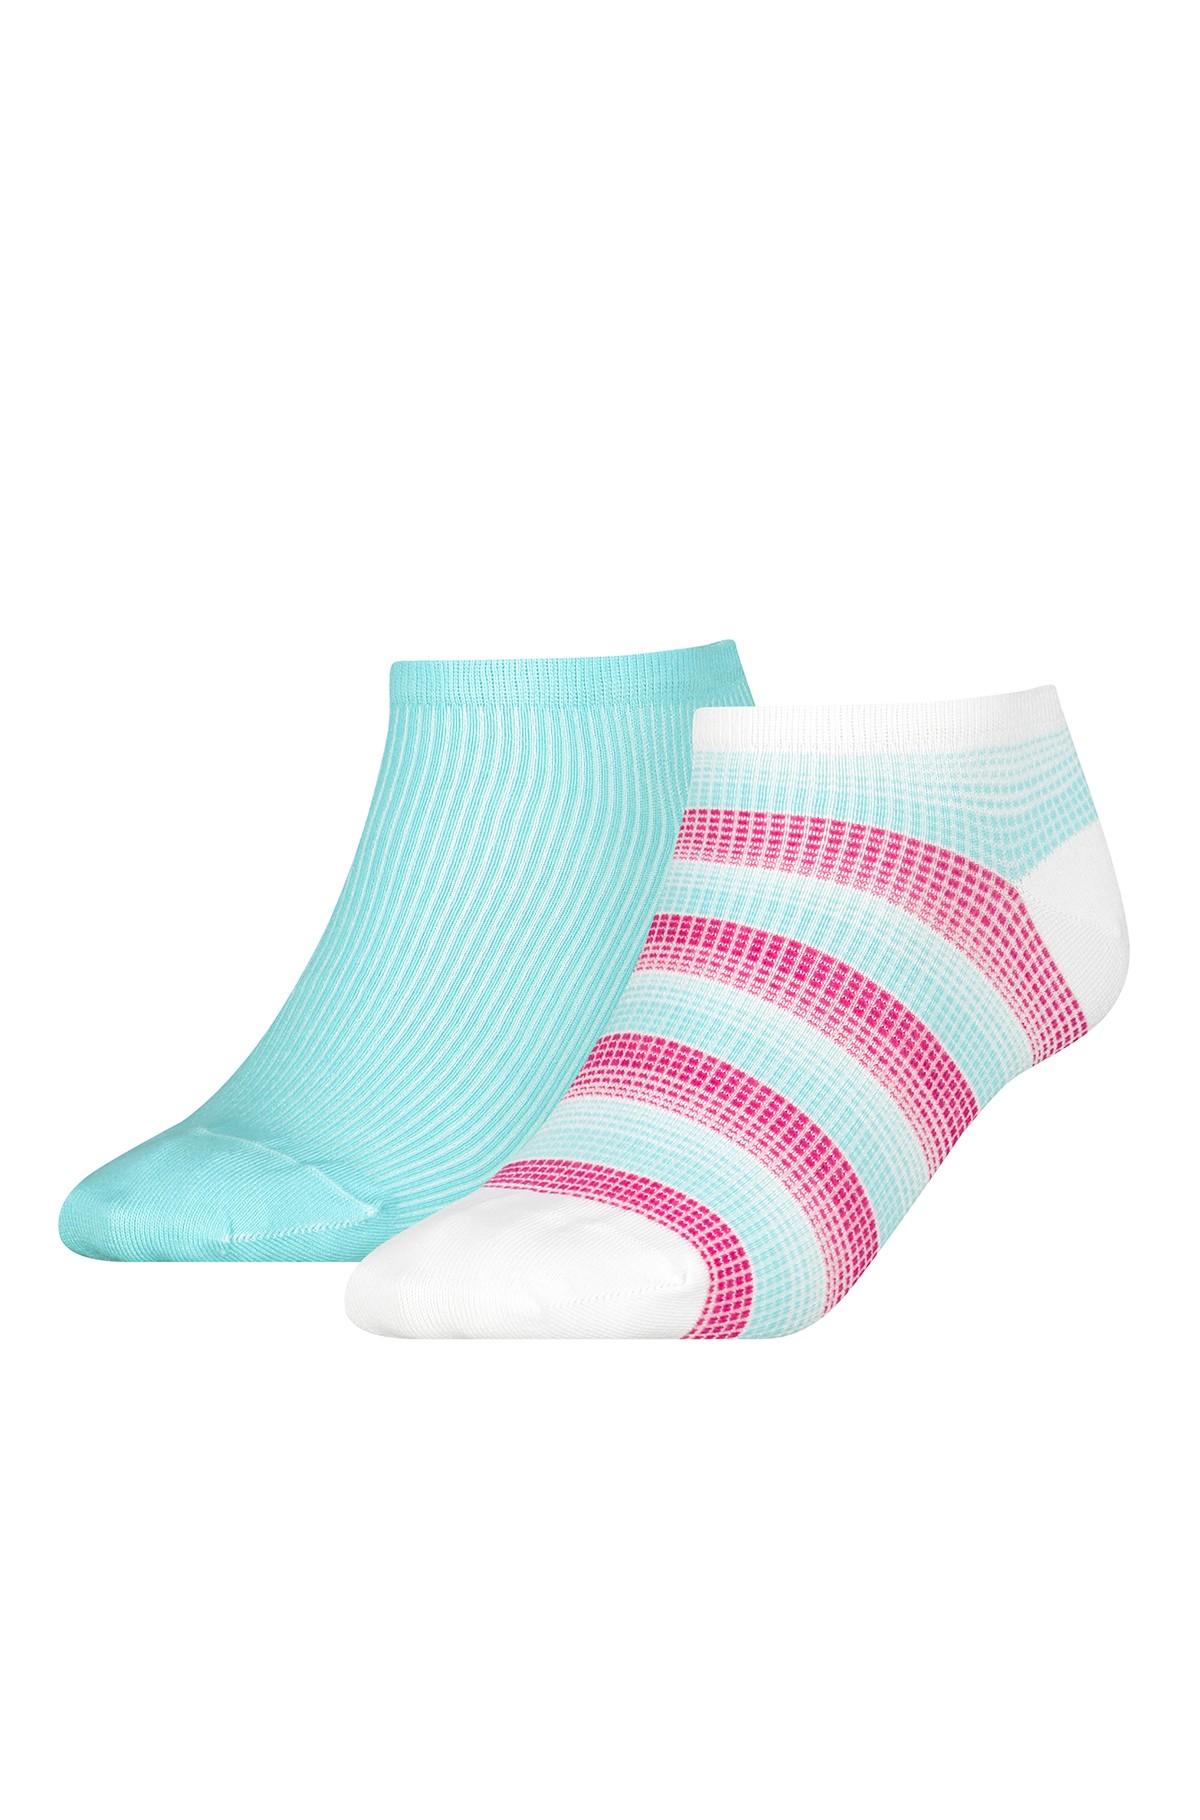 Socks 100002386-full-1